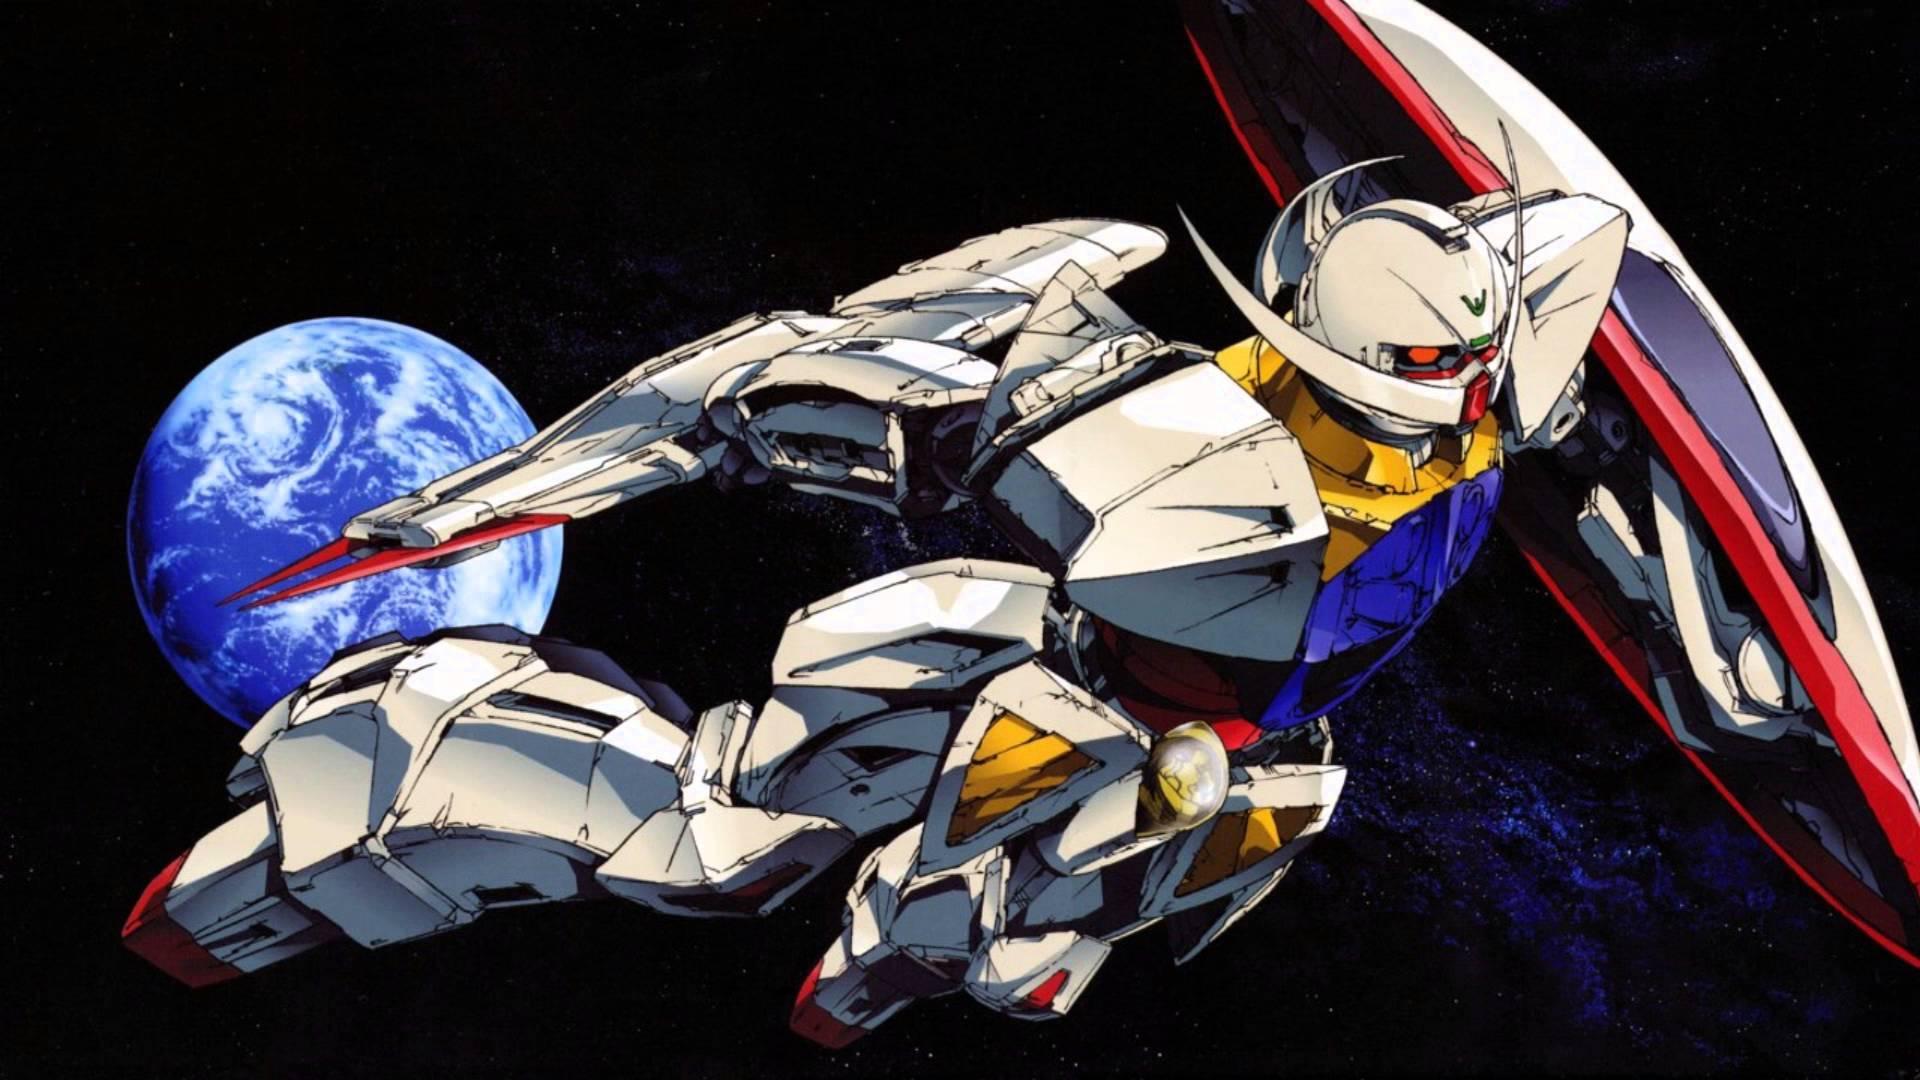 ガンダムシリーズ おすすめアニメランキング40選 初心者向けの人気